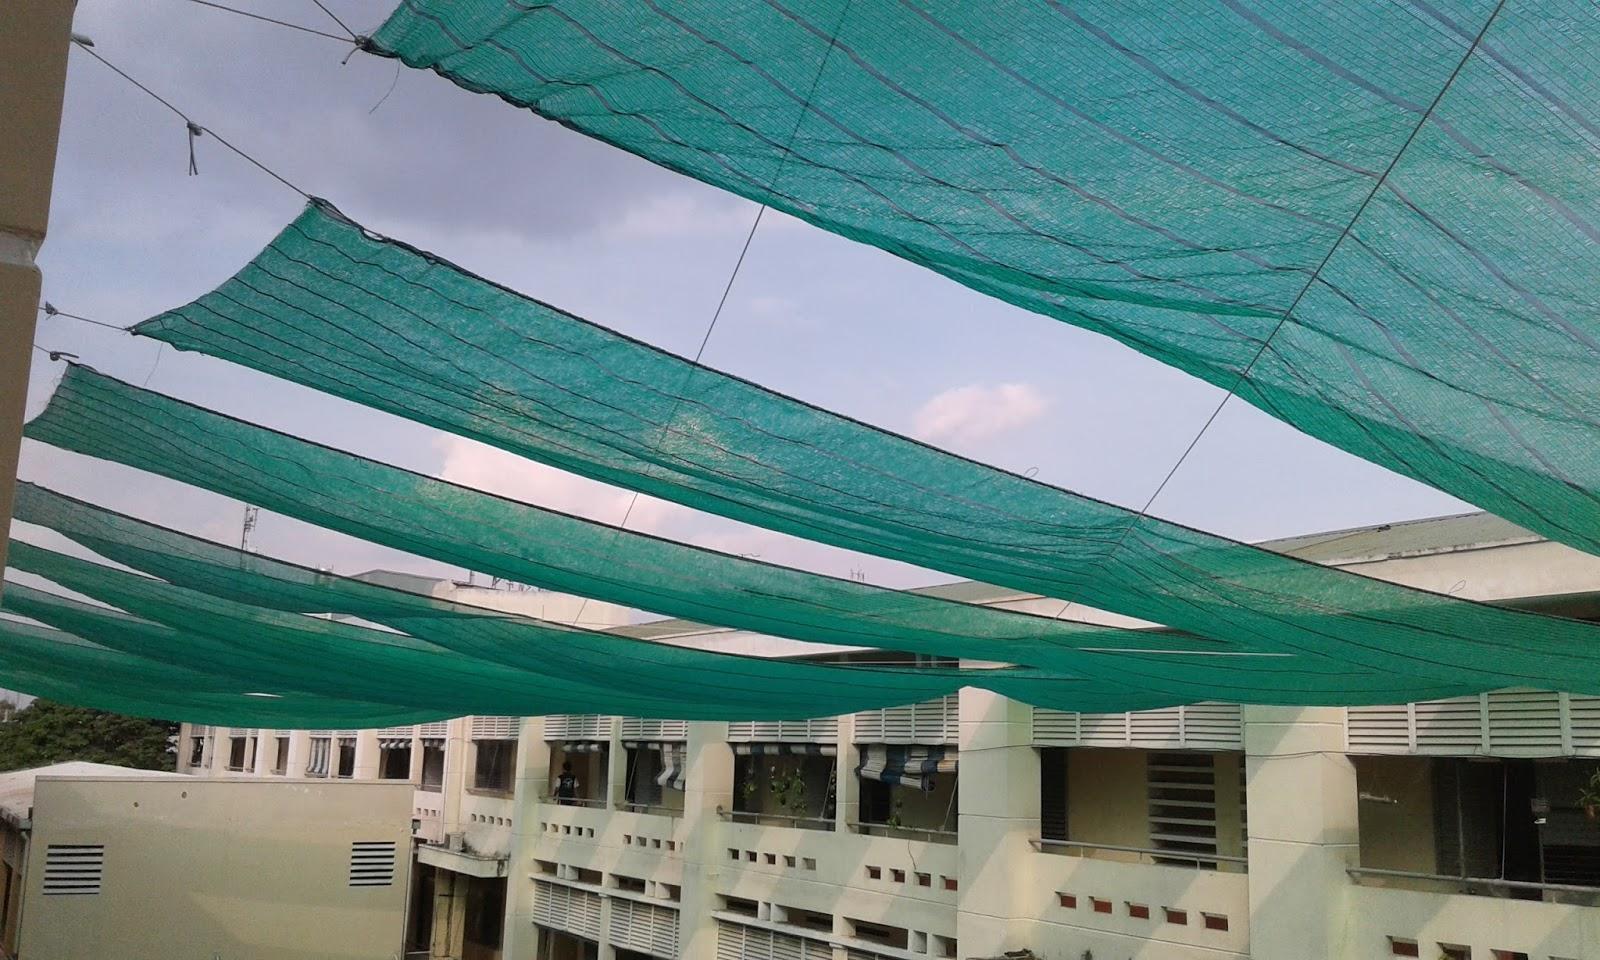 Kết quả hình ảnh cho lưới che nắng mà u xanh